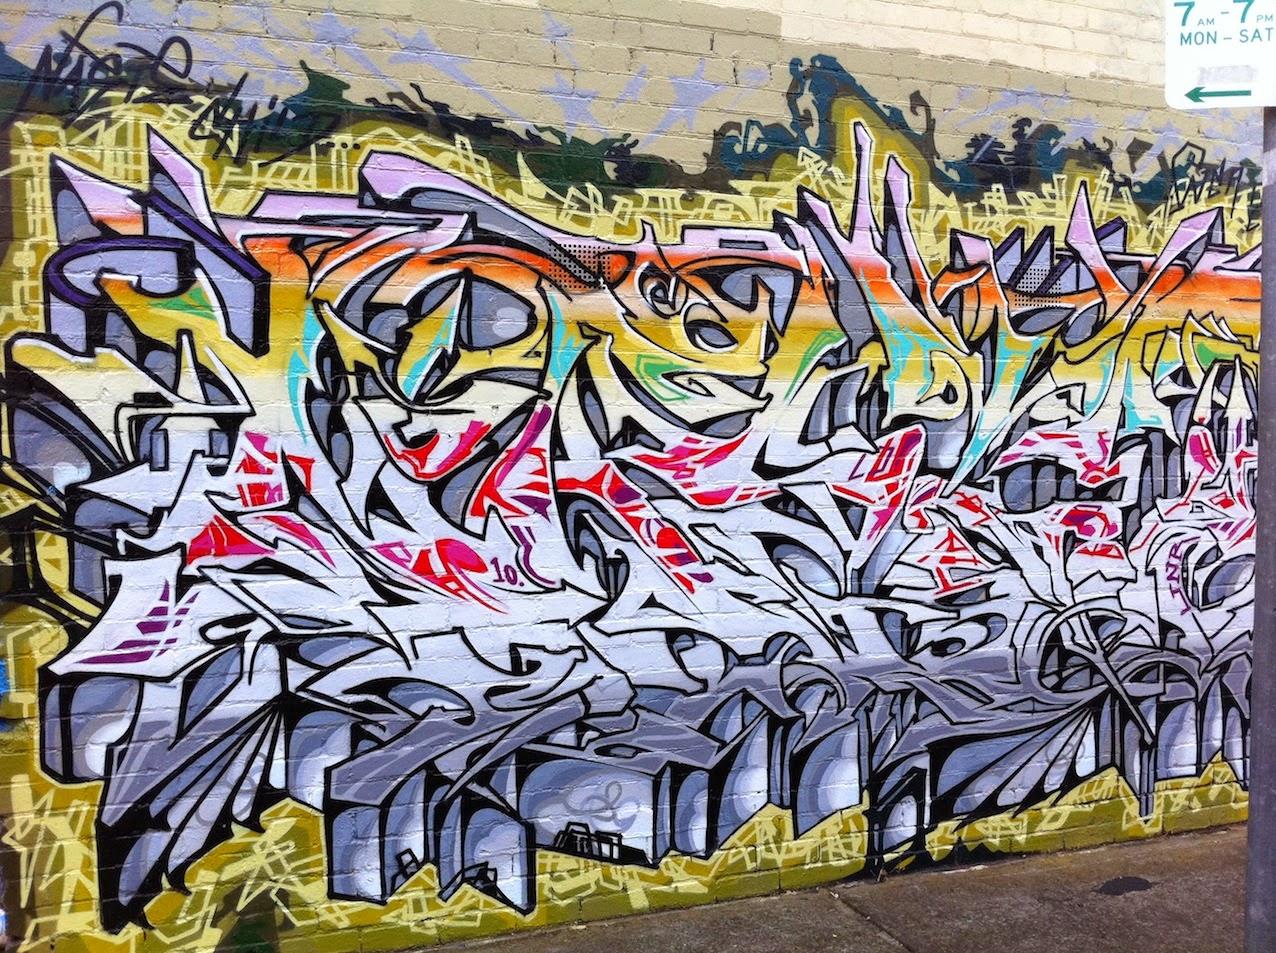 Gambar Grafiti Di Tembok Jalanan  Sobgrafiti